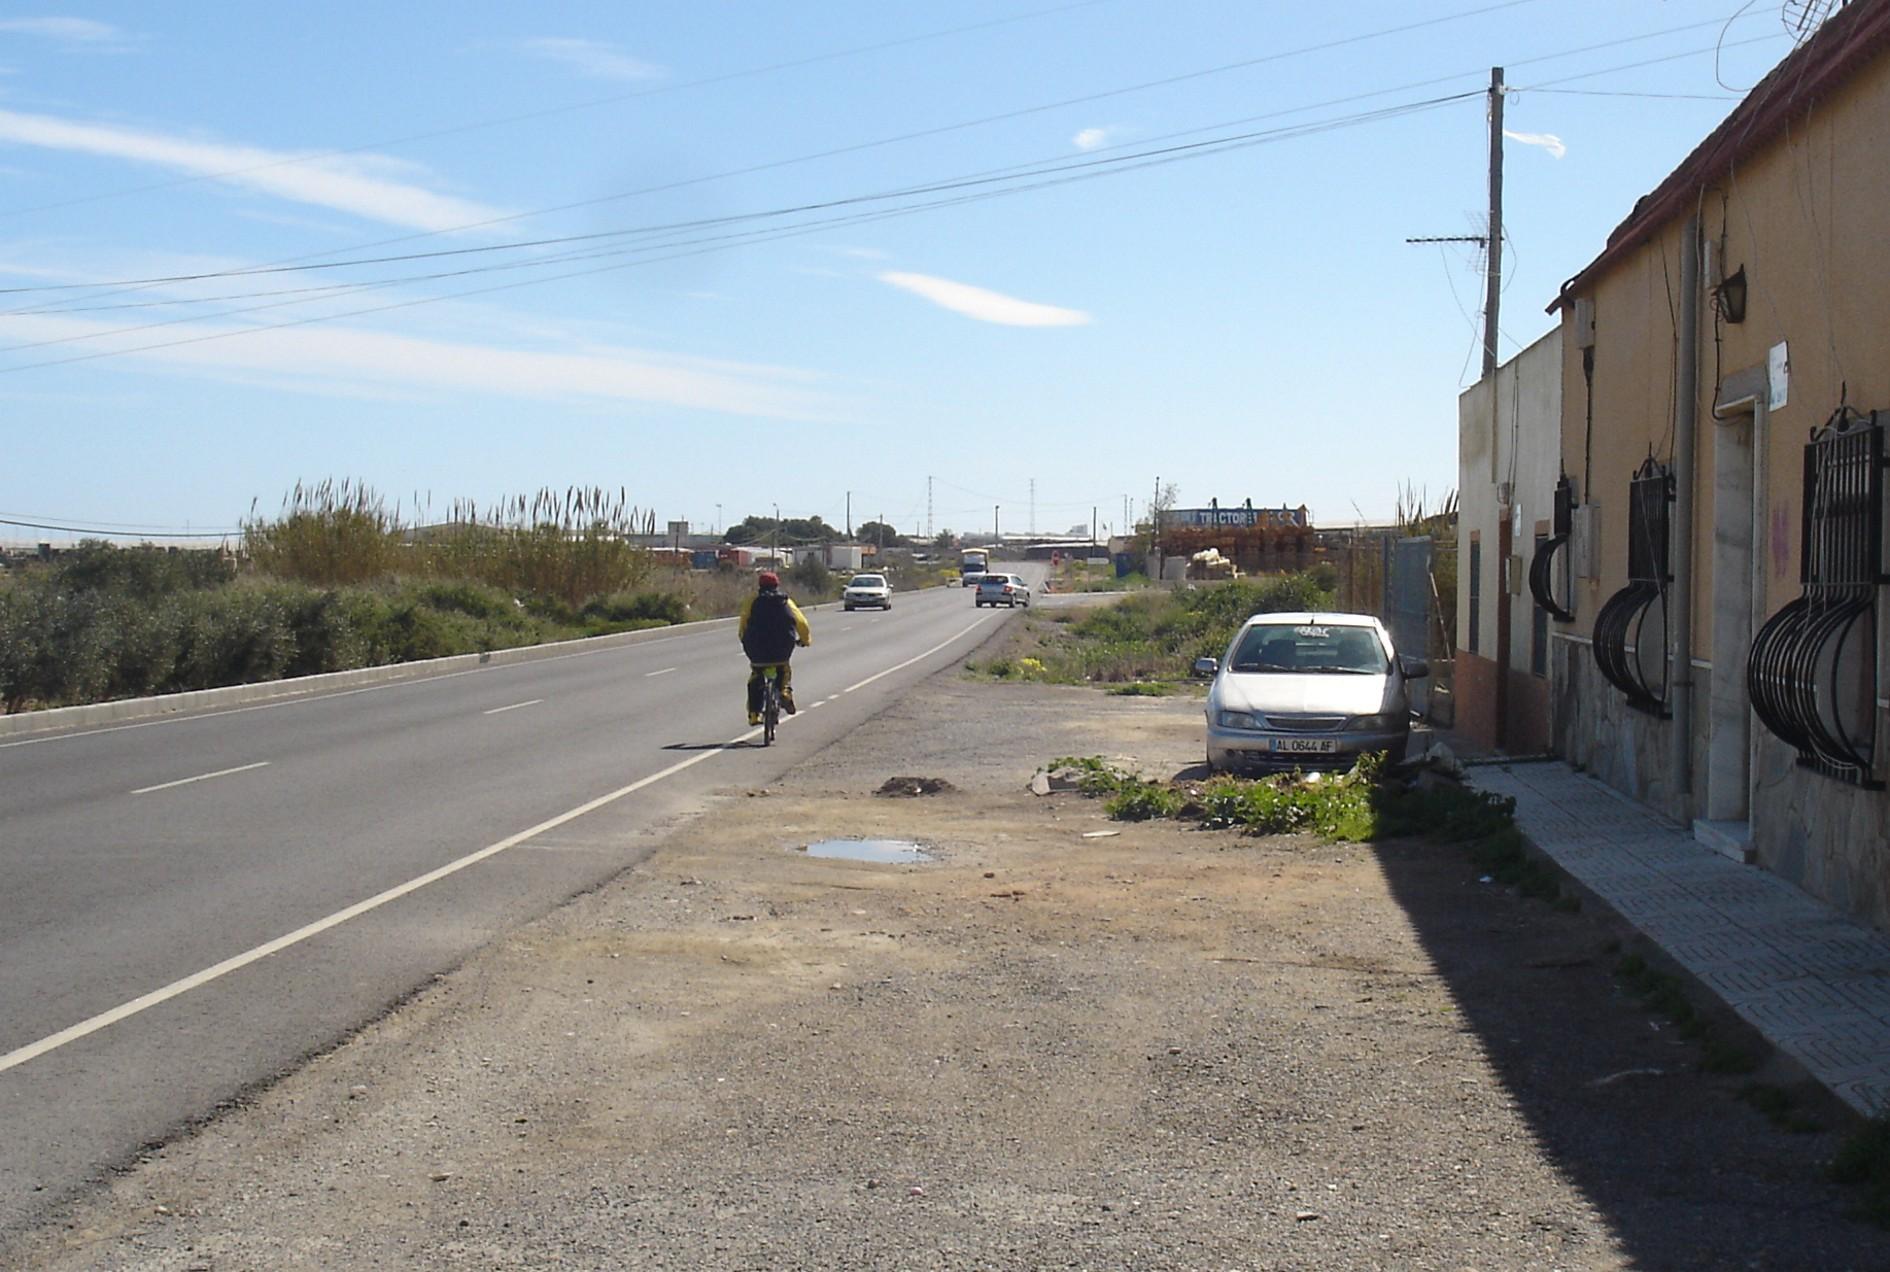 La carretera de El Ejido a La Mojonera, con una media de 10.000 vehículos/diarios, tiene también mucho tráfico de bicicletas.